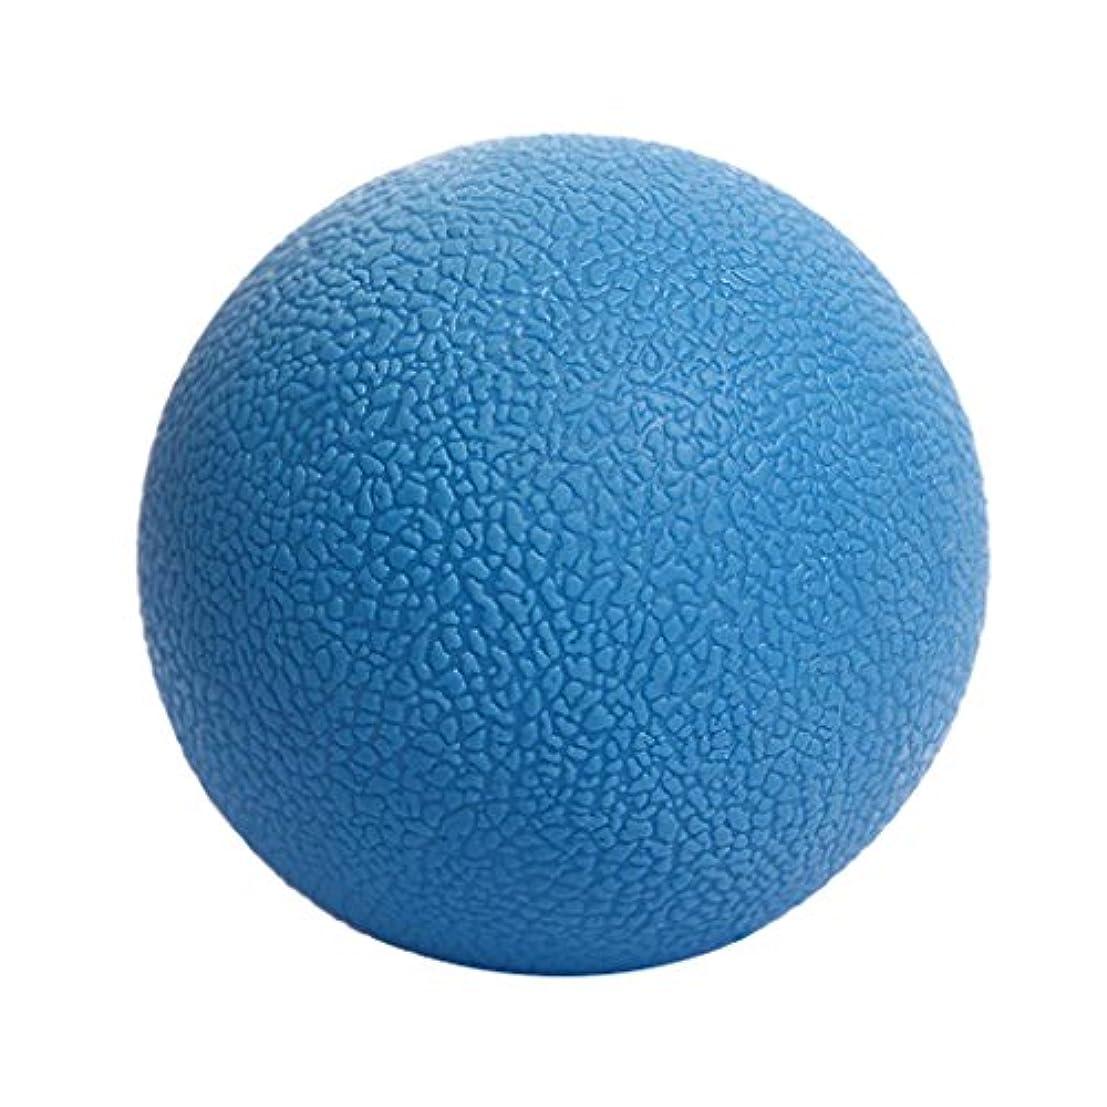 無心タオル知っているに立ち寄るマッサージボール ボディーマッサージ 便利 TPE ヨガ ピラティス 4色選べる - 青, 説明したように